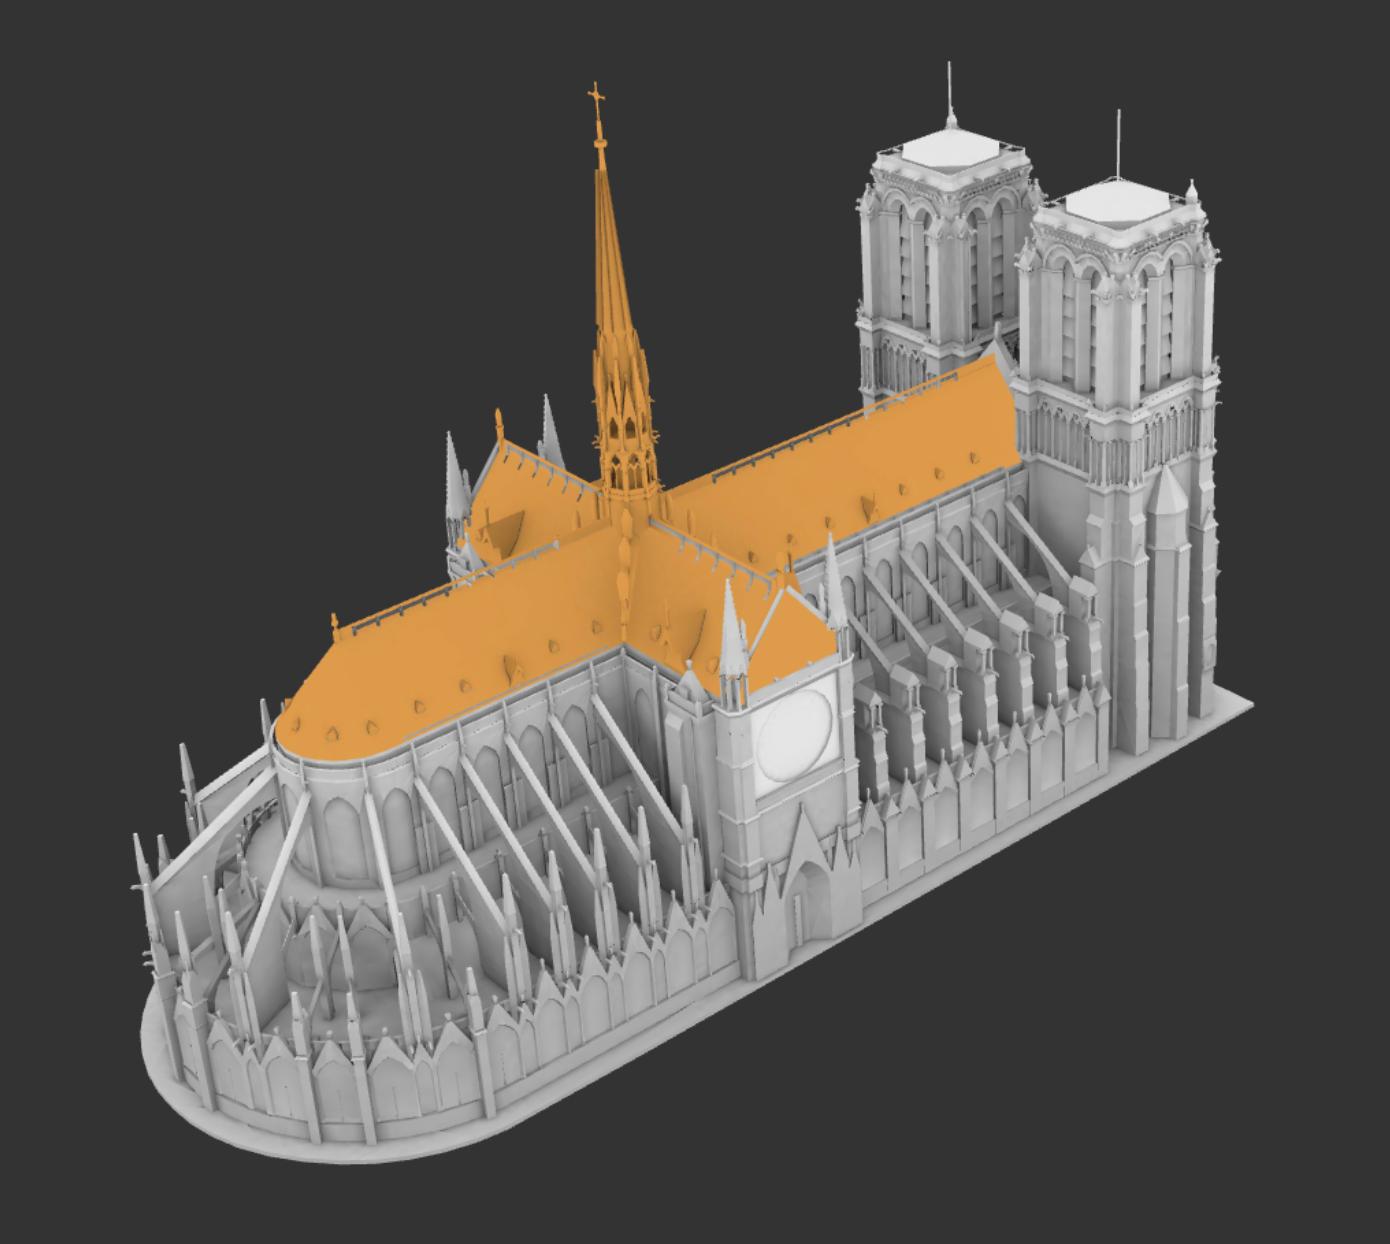 《可视化 | 10 张 3D 建模图还原「巴黎圣母院」火灾细节》